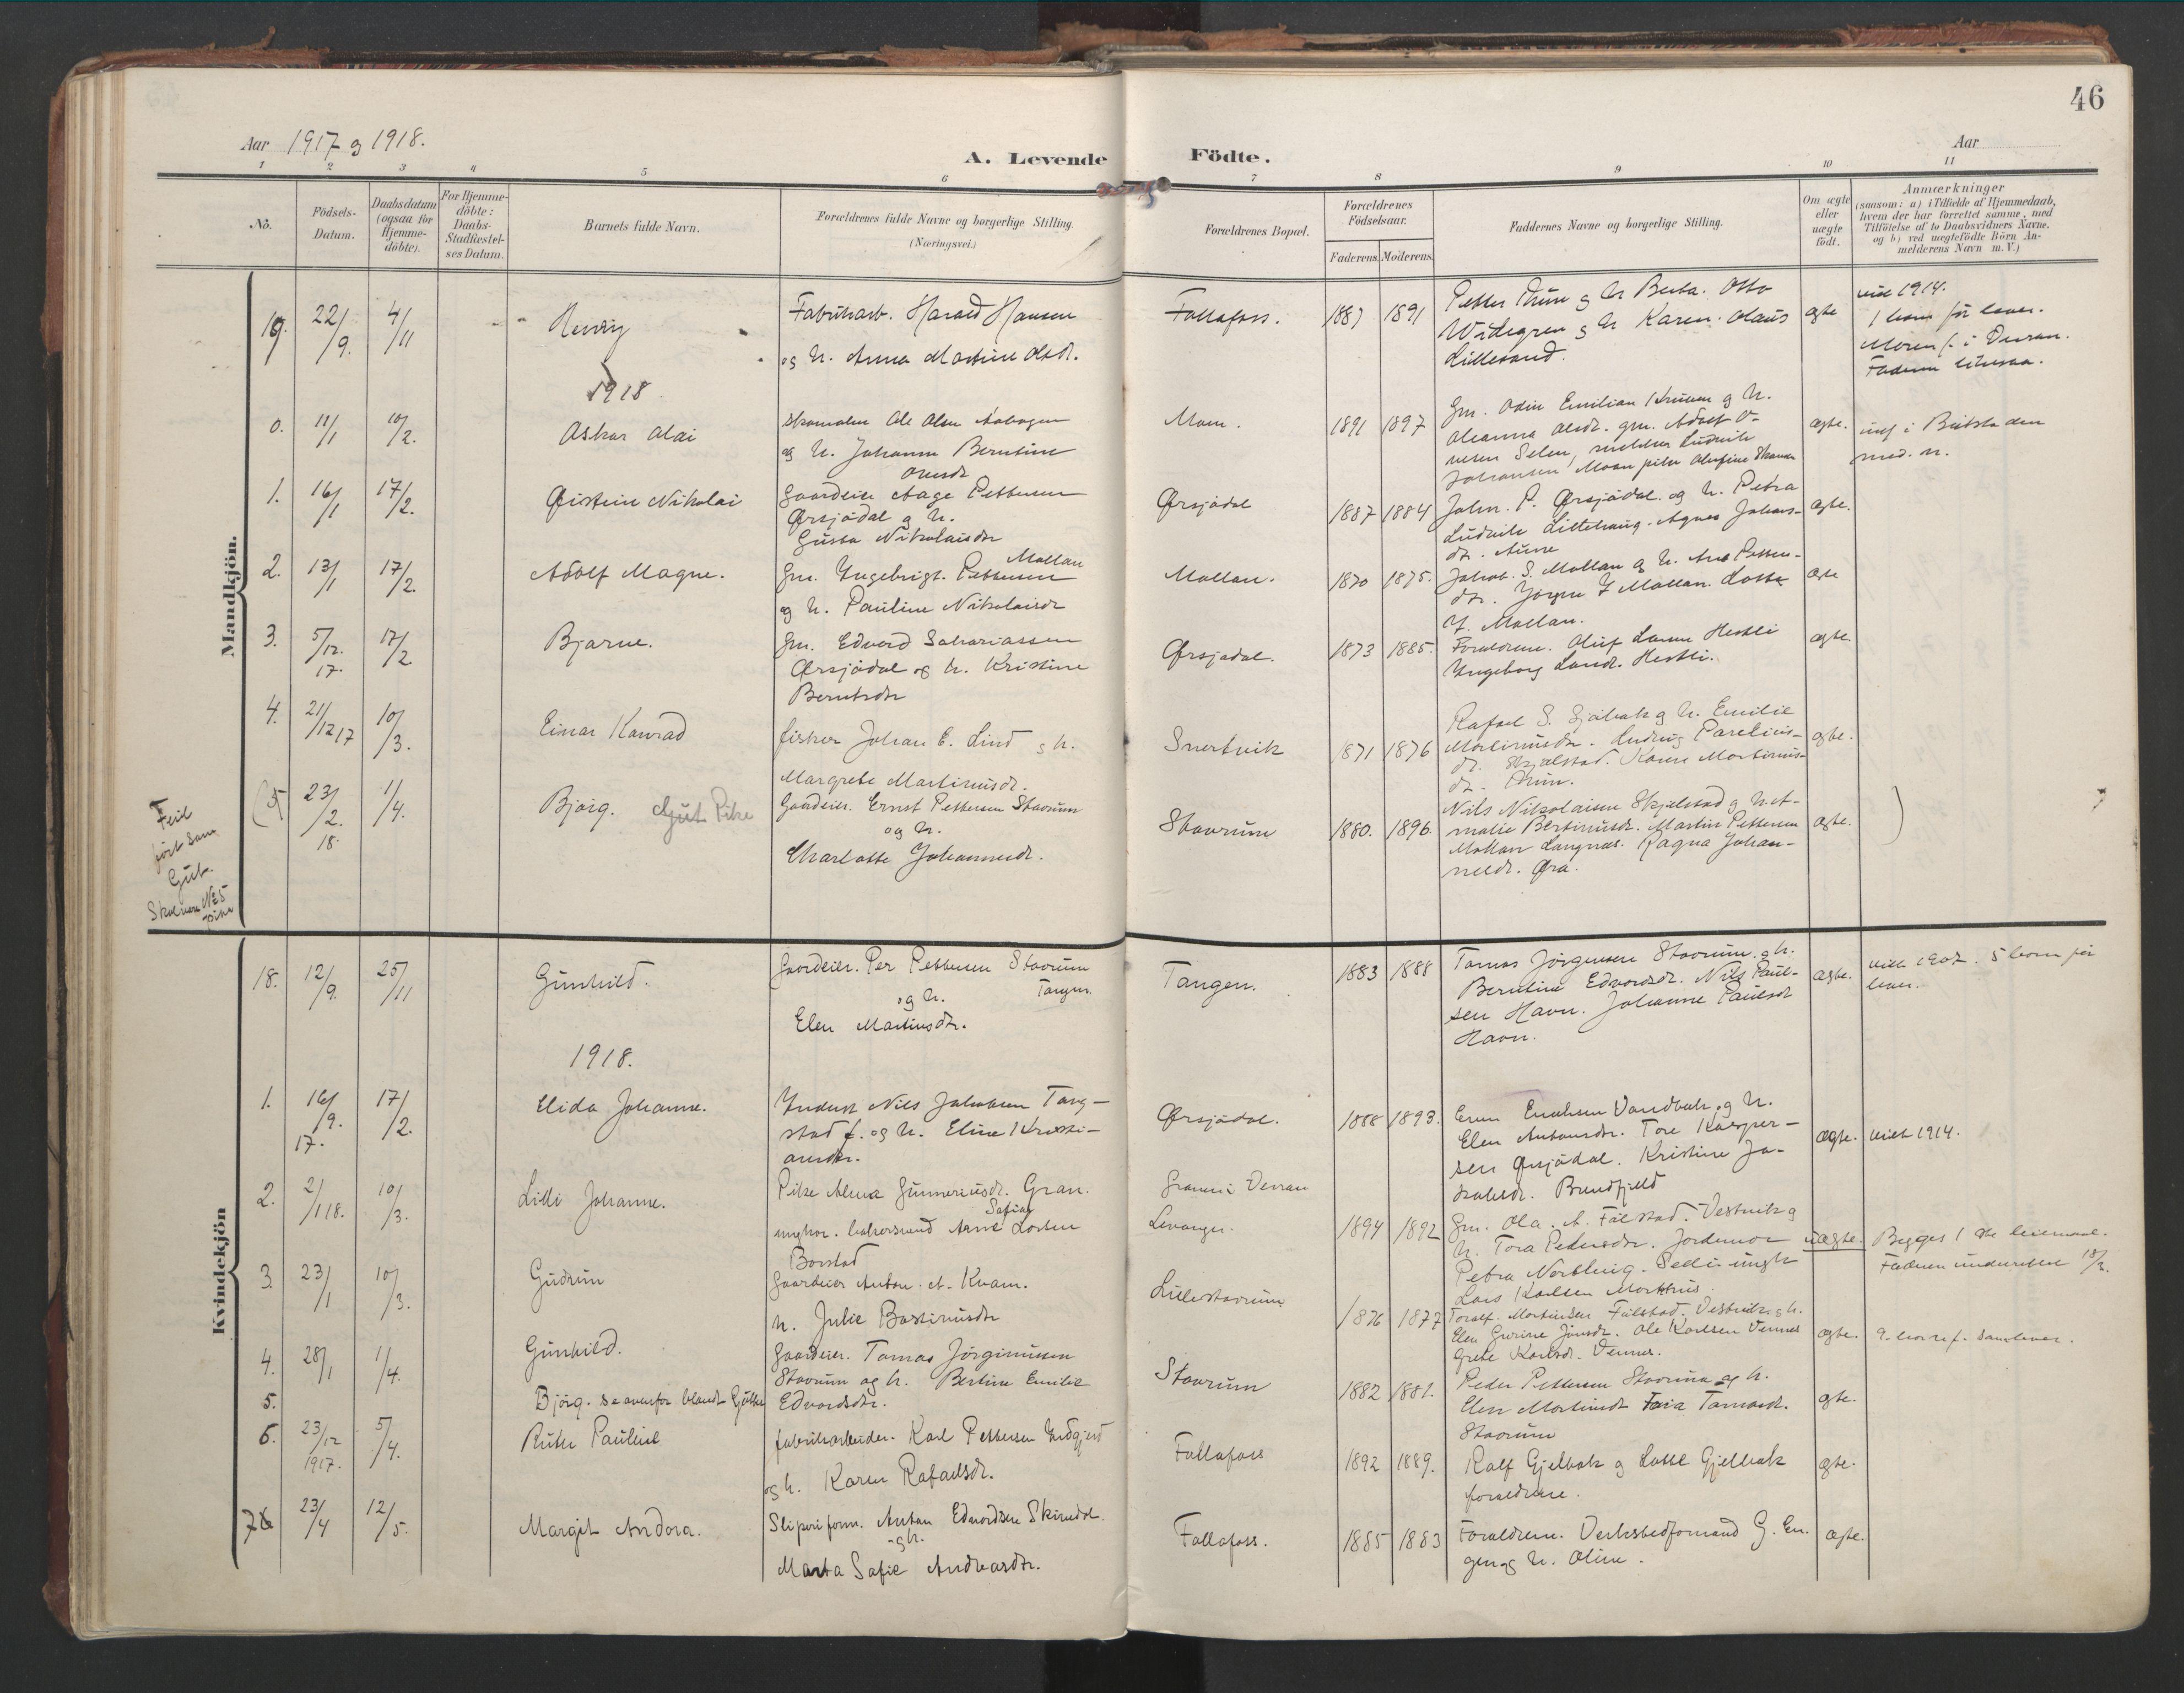 SAT, Ministerialprotokoller, klokkerbøker og fødselsregistre - Nord-Trøndelag, 744/L0421: Ministerialbok nr. 744A05, 1905-1930, s. 46